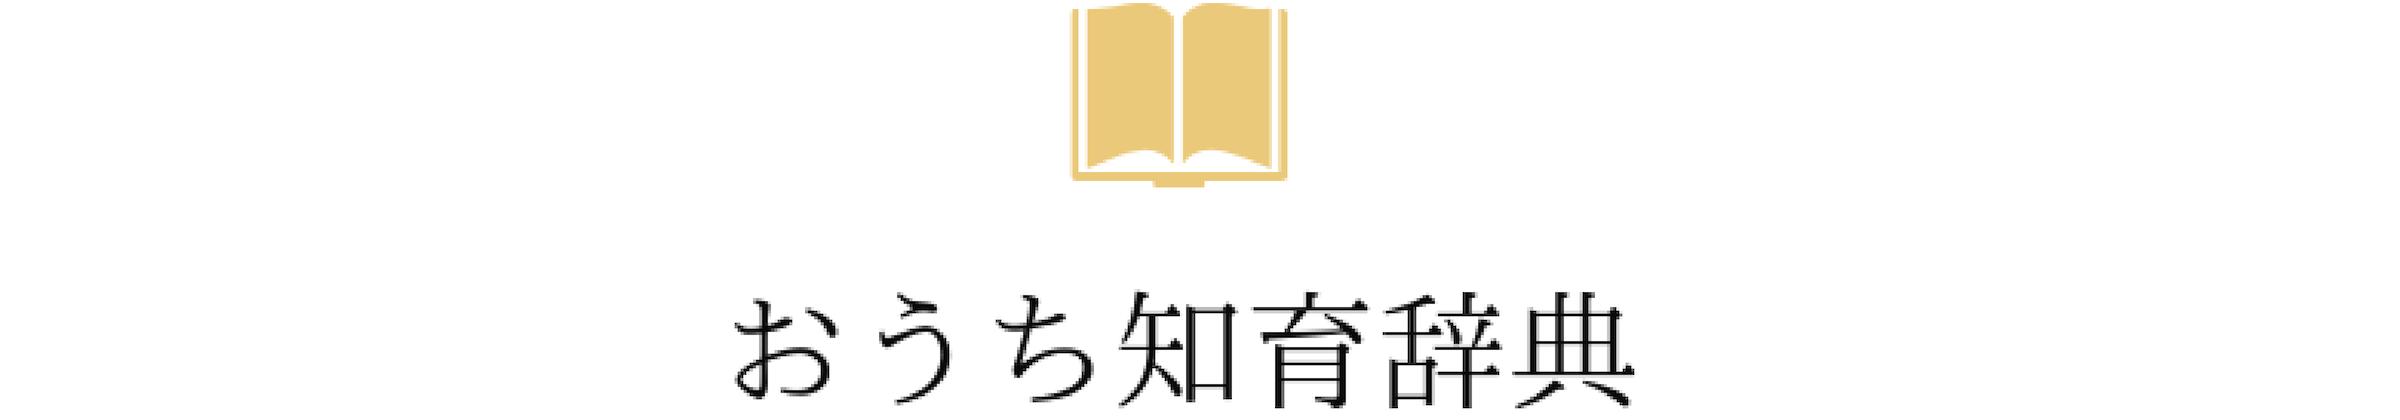 おうち知育辞典